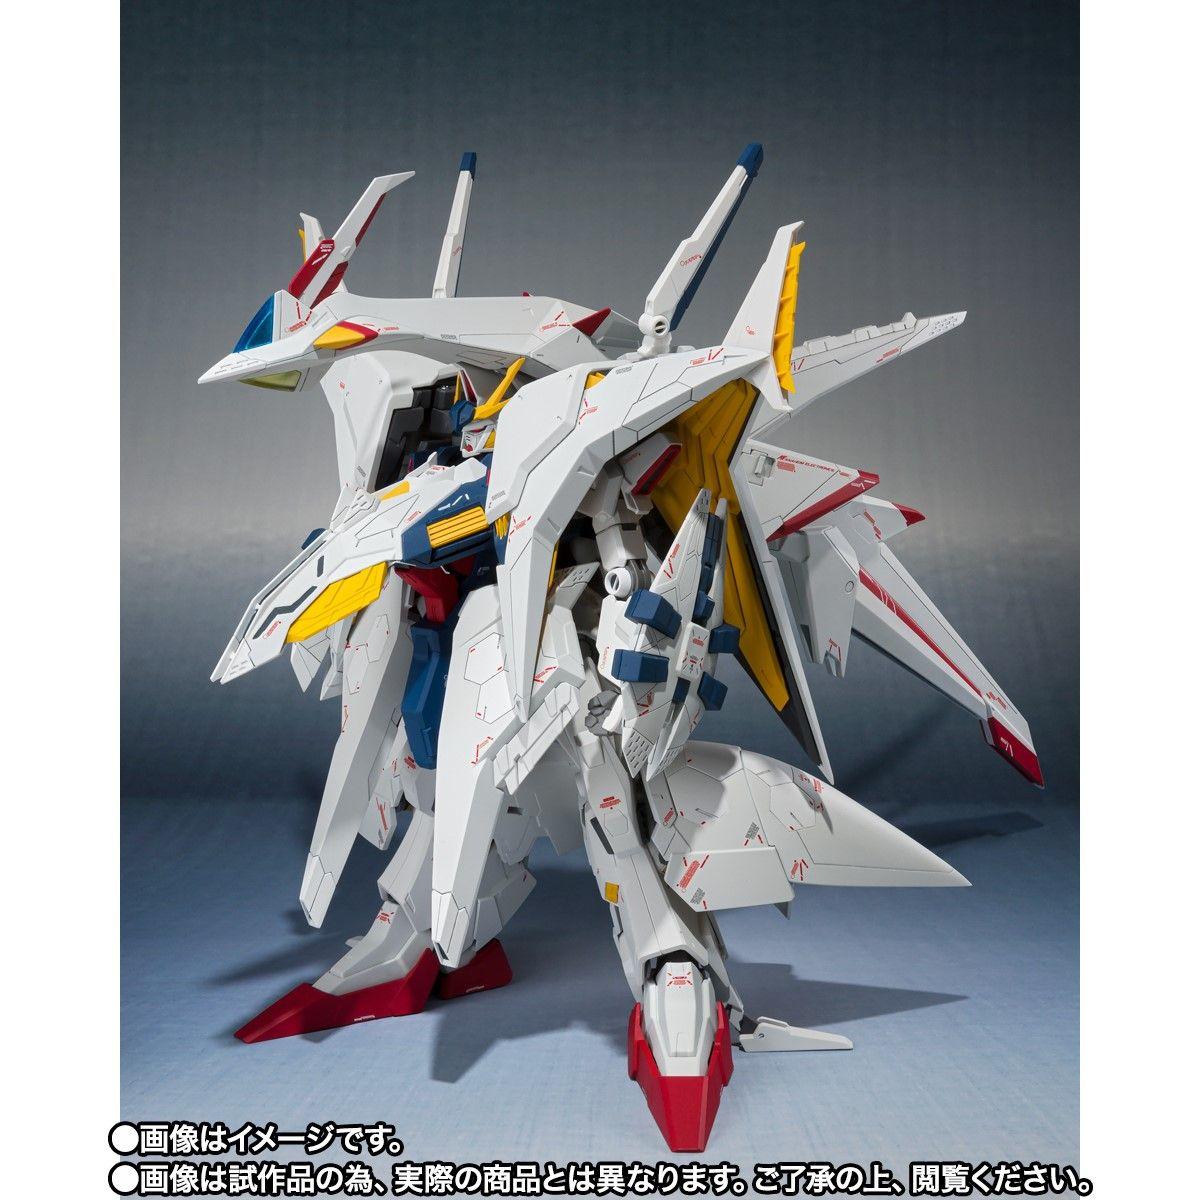 【限定販売】ROBOT魂 Ka signature〈SIDE MS〉『ペーネロペー(機動戦士ガンダム 閃光のハサウェイVer.)』可動フィギュア-002